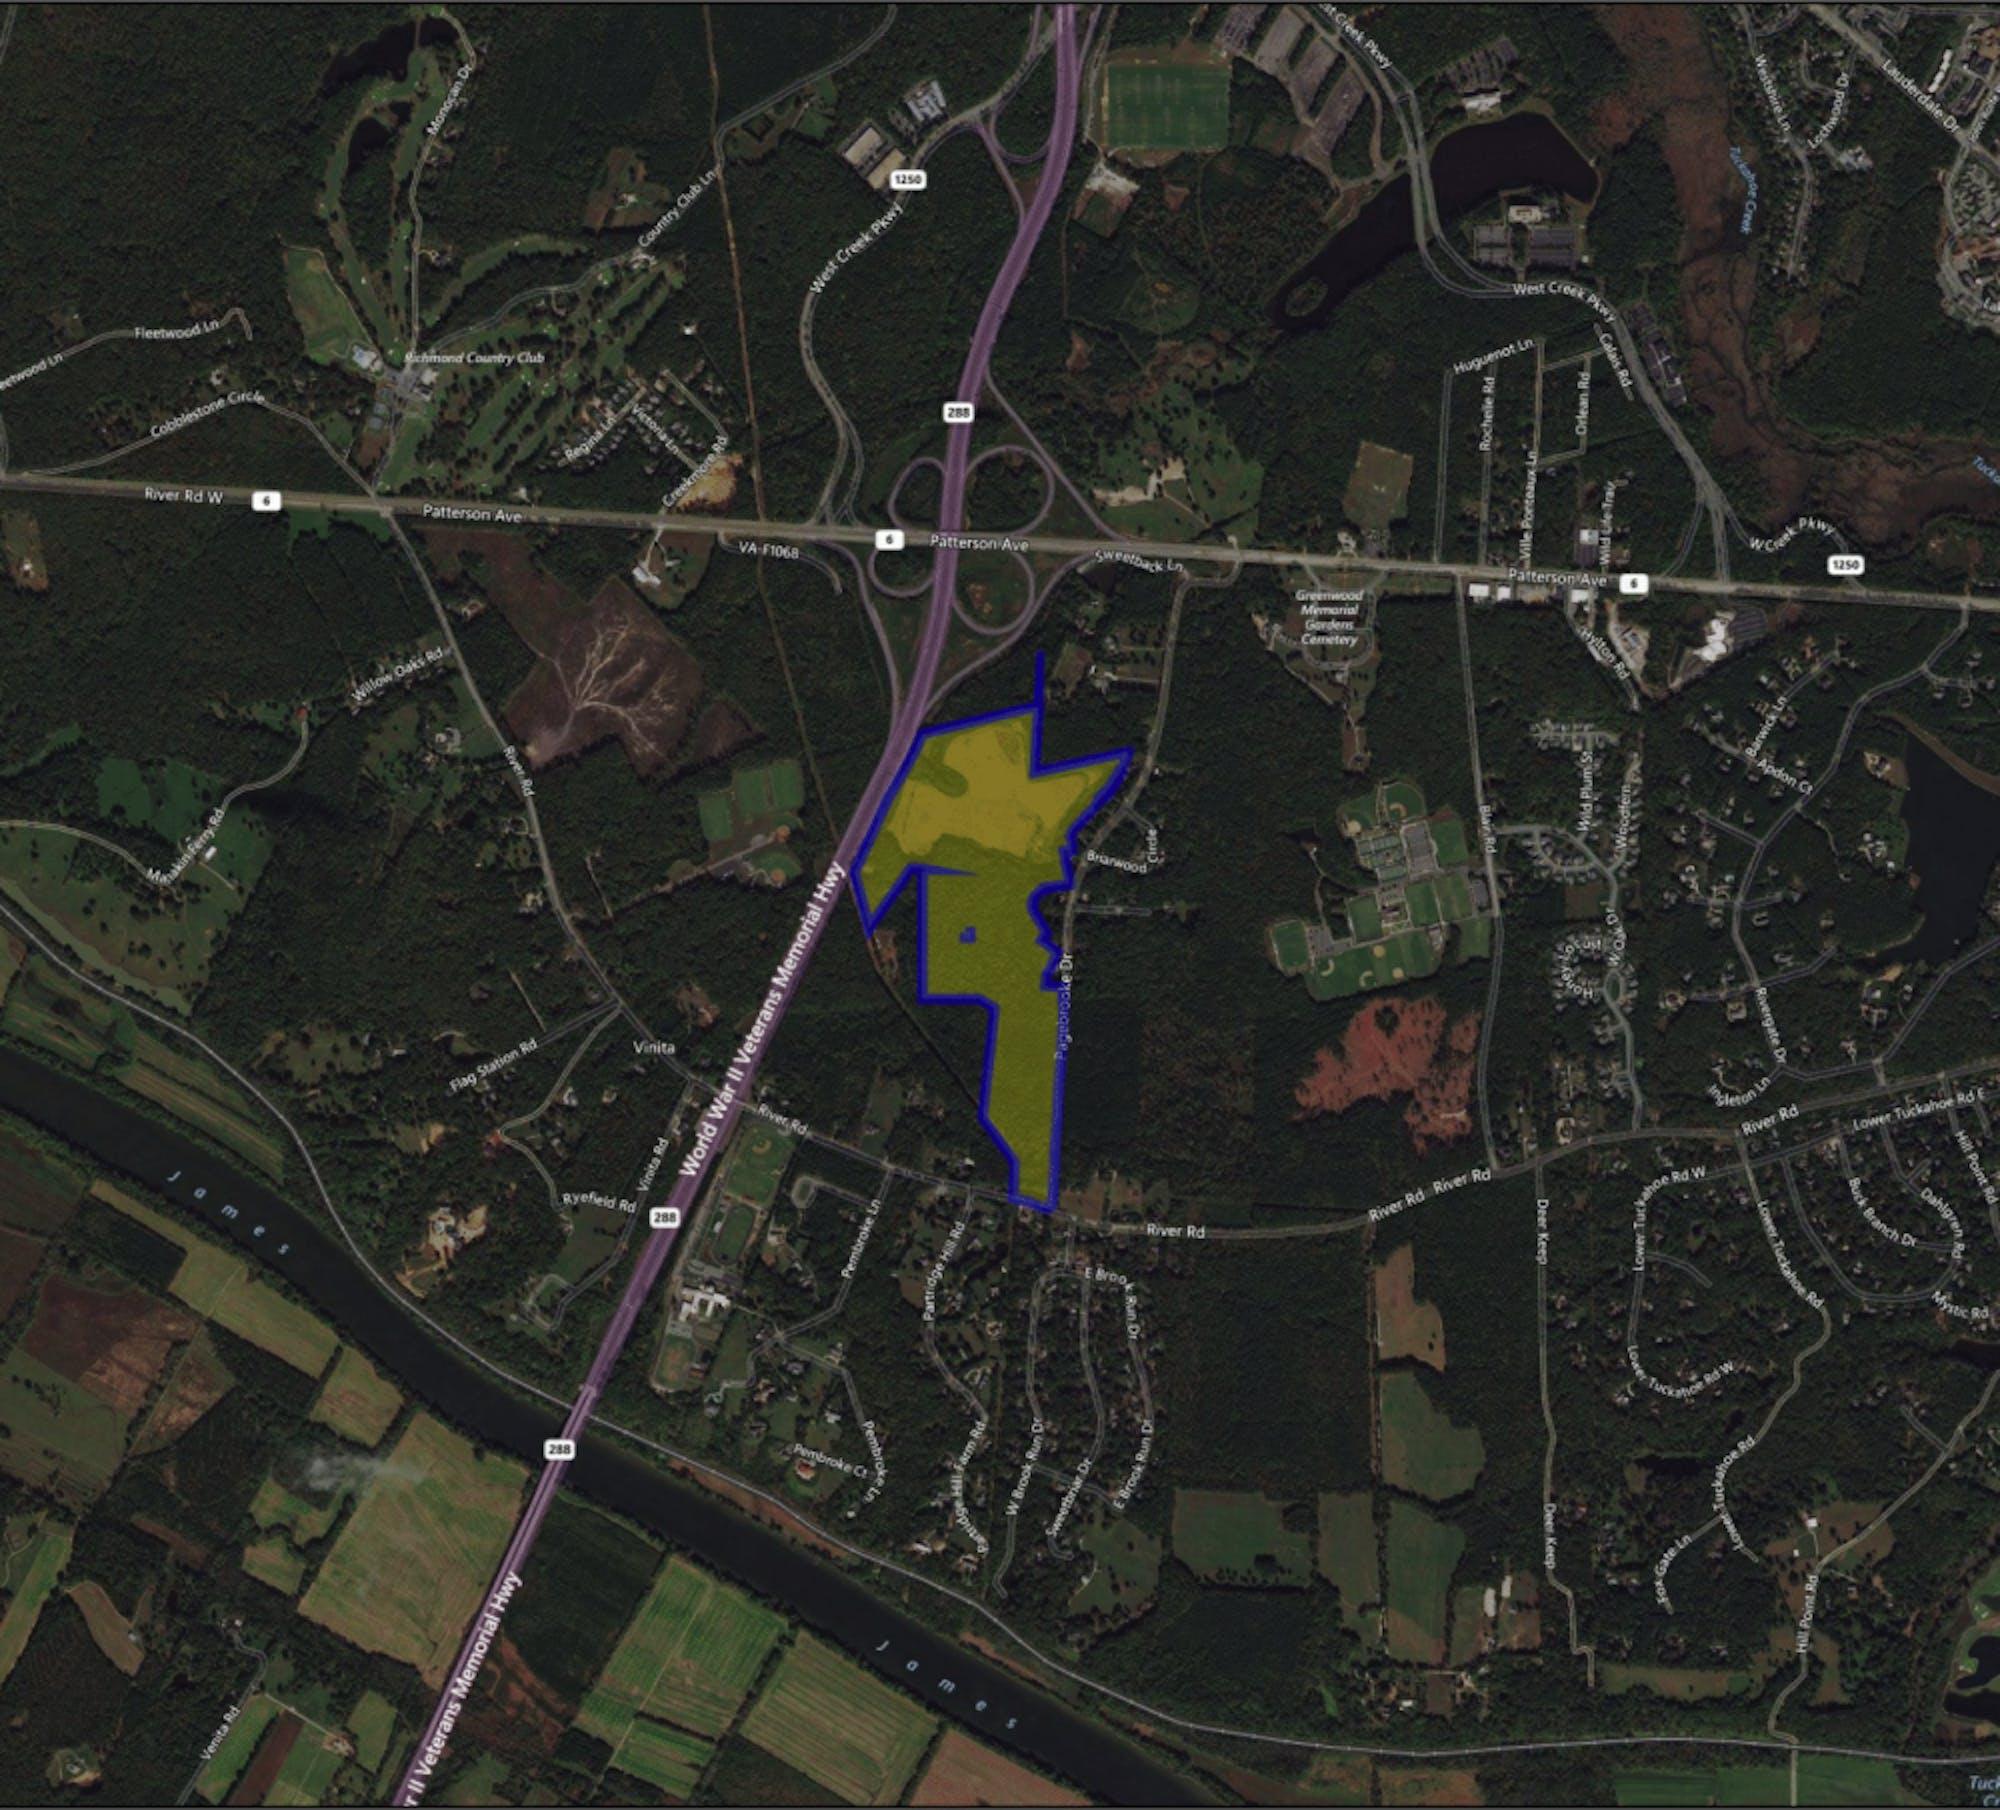 mapexport-b64bcdf4e9fe498f878be4e3ec1639f5-1